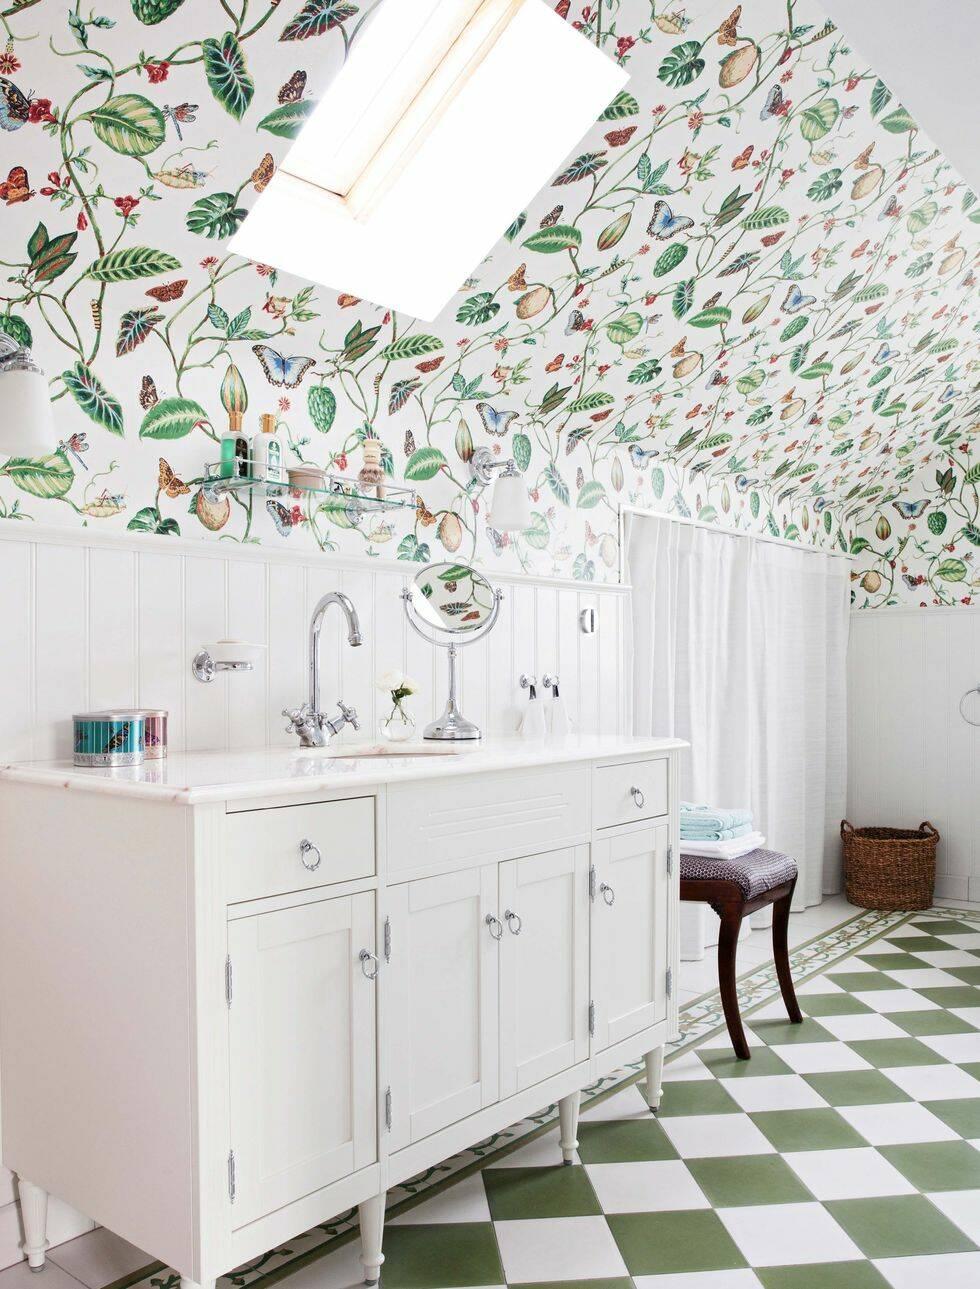 En glad start på dagen får man garanterat i det här blommiga badrummet